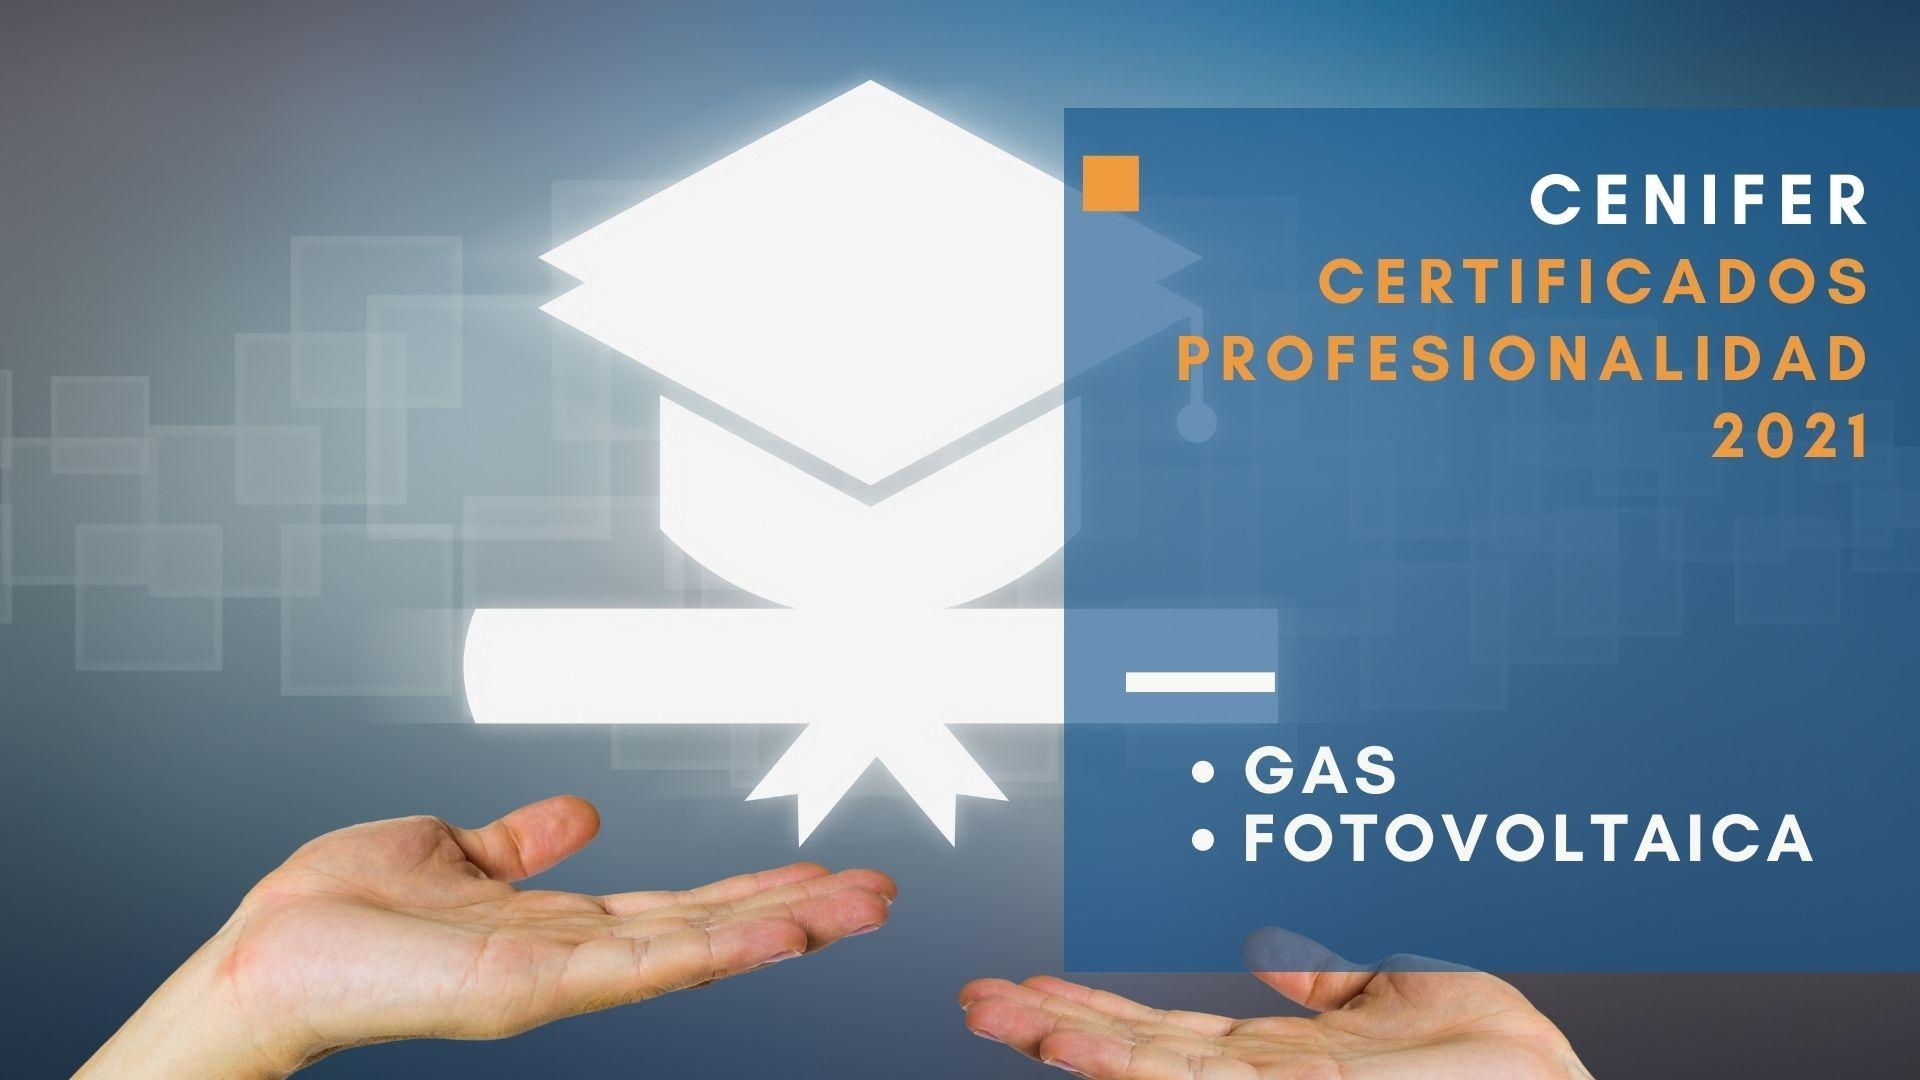 Cenifer Certificados de profesionalidad Gas y fotovoltaica 2021